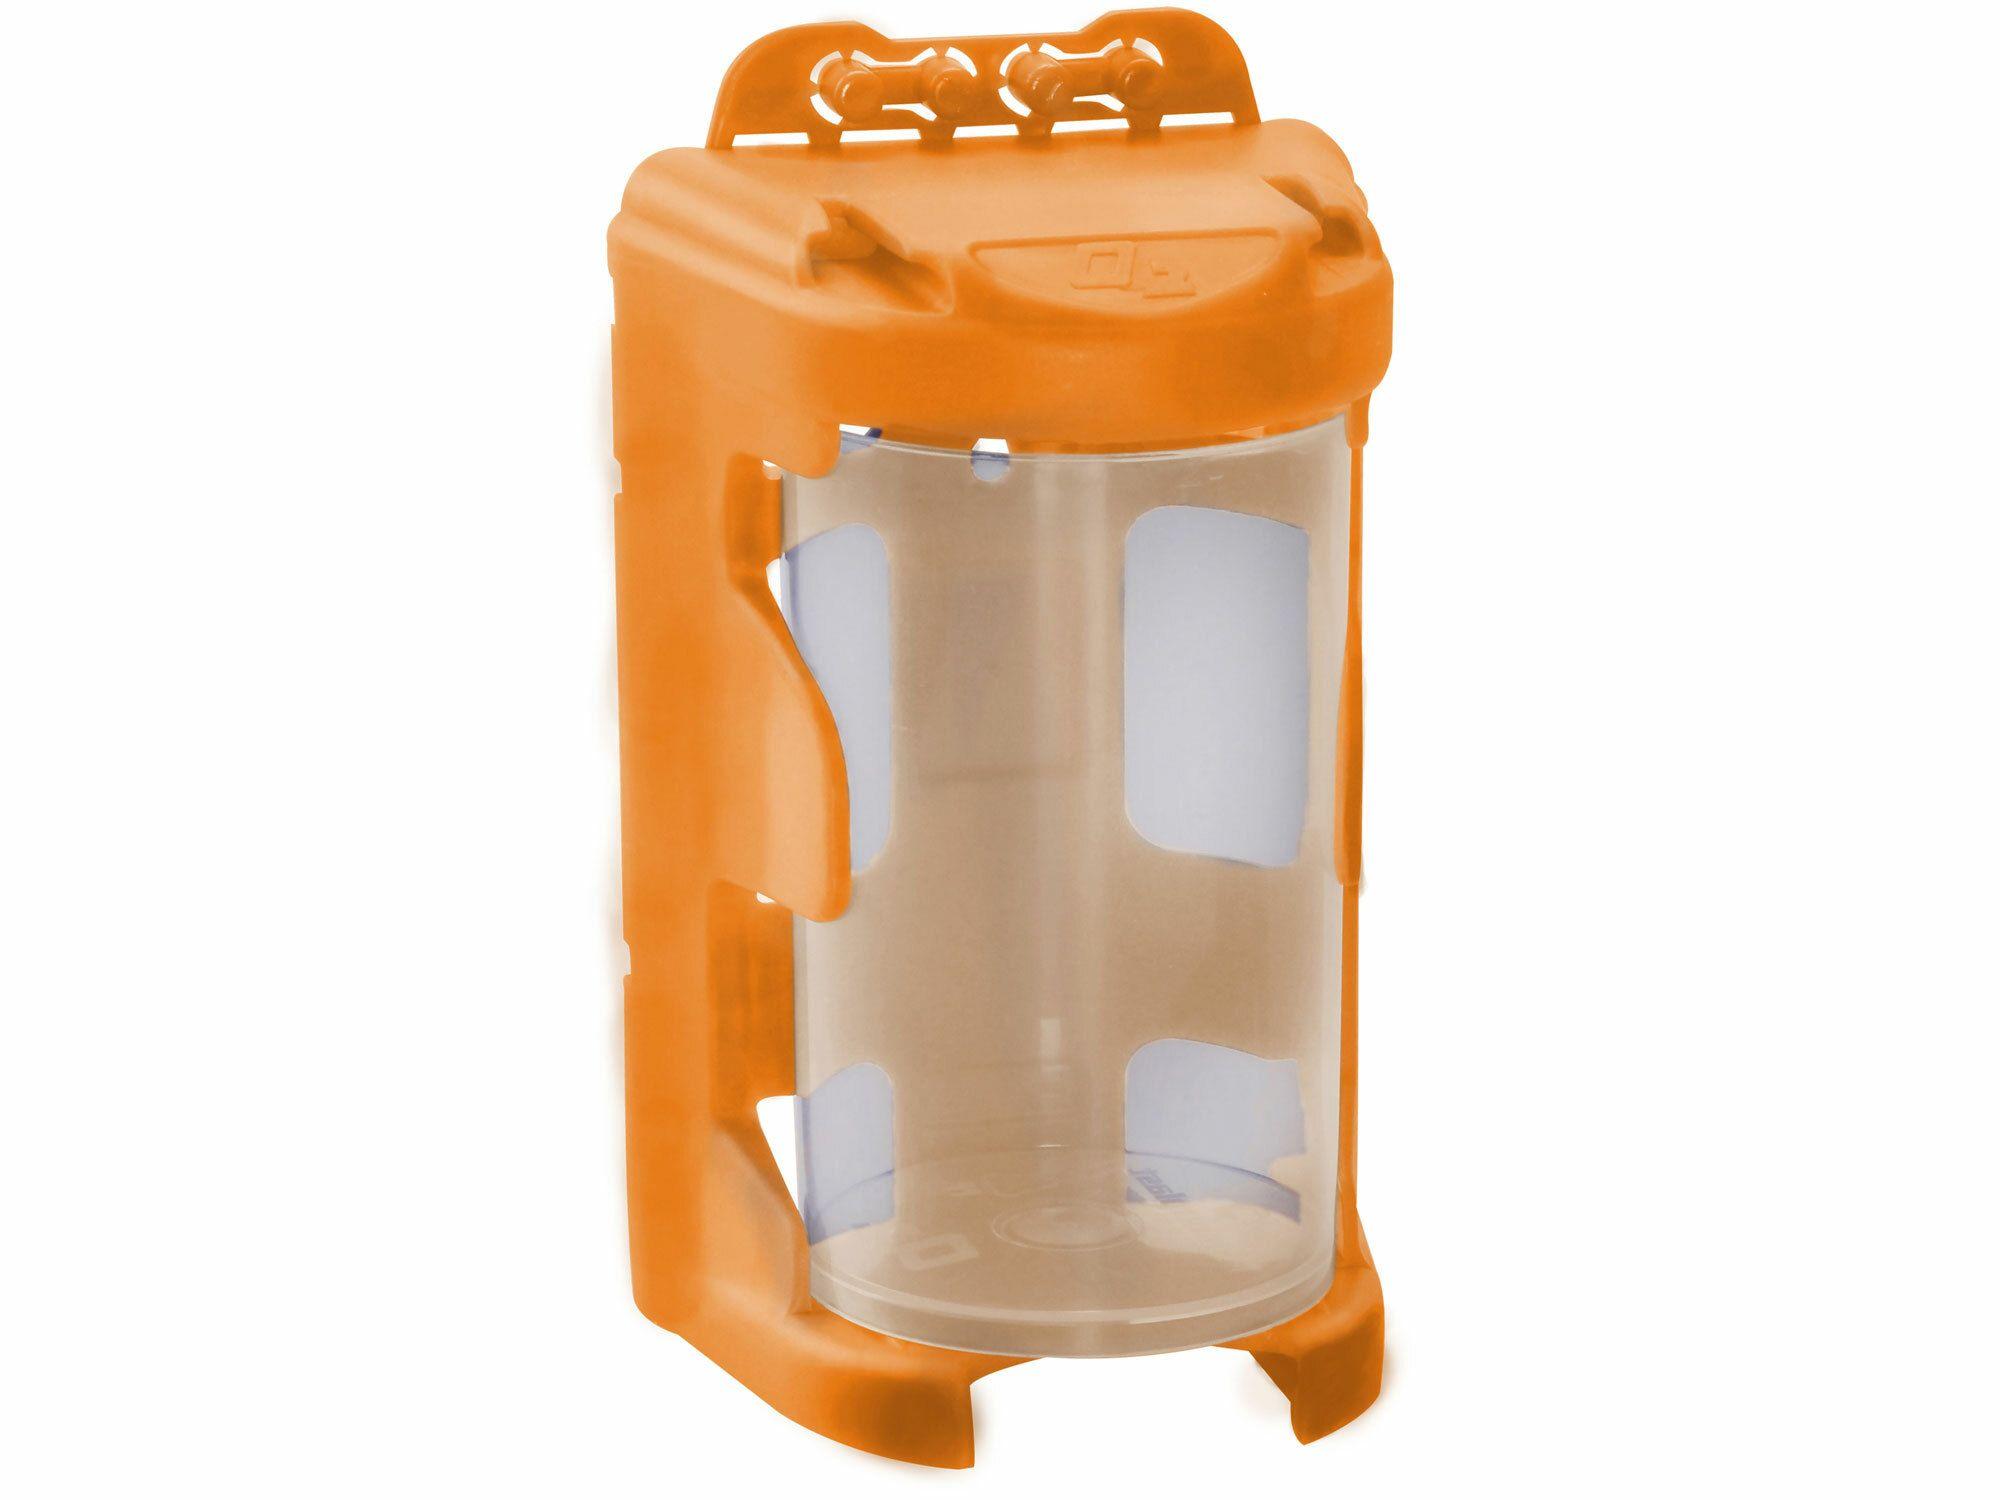 Organizér modulový závěsný - oranžový, 210ml (60 x 92mm), PP, EXTOL CRAFT 78913